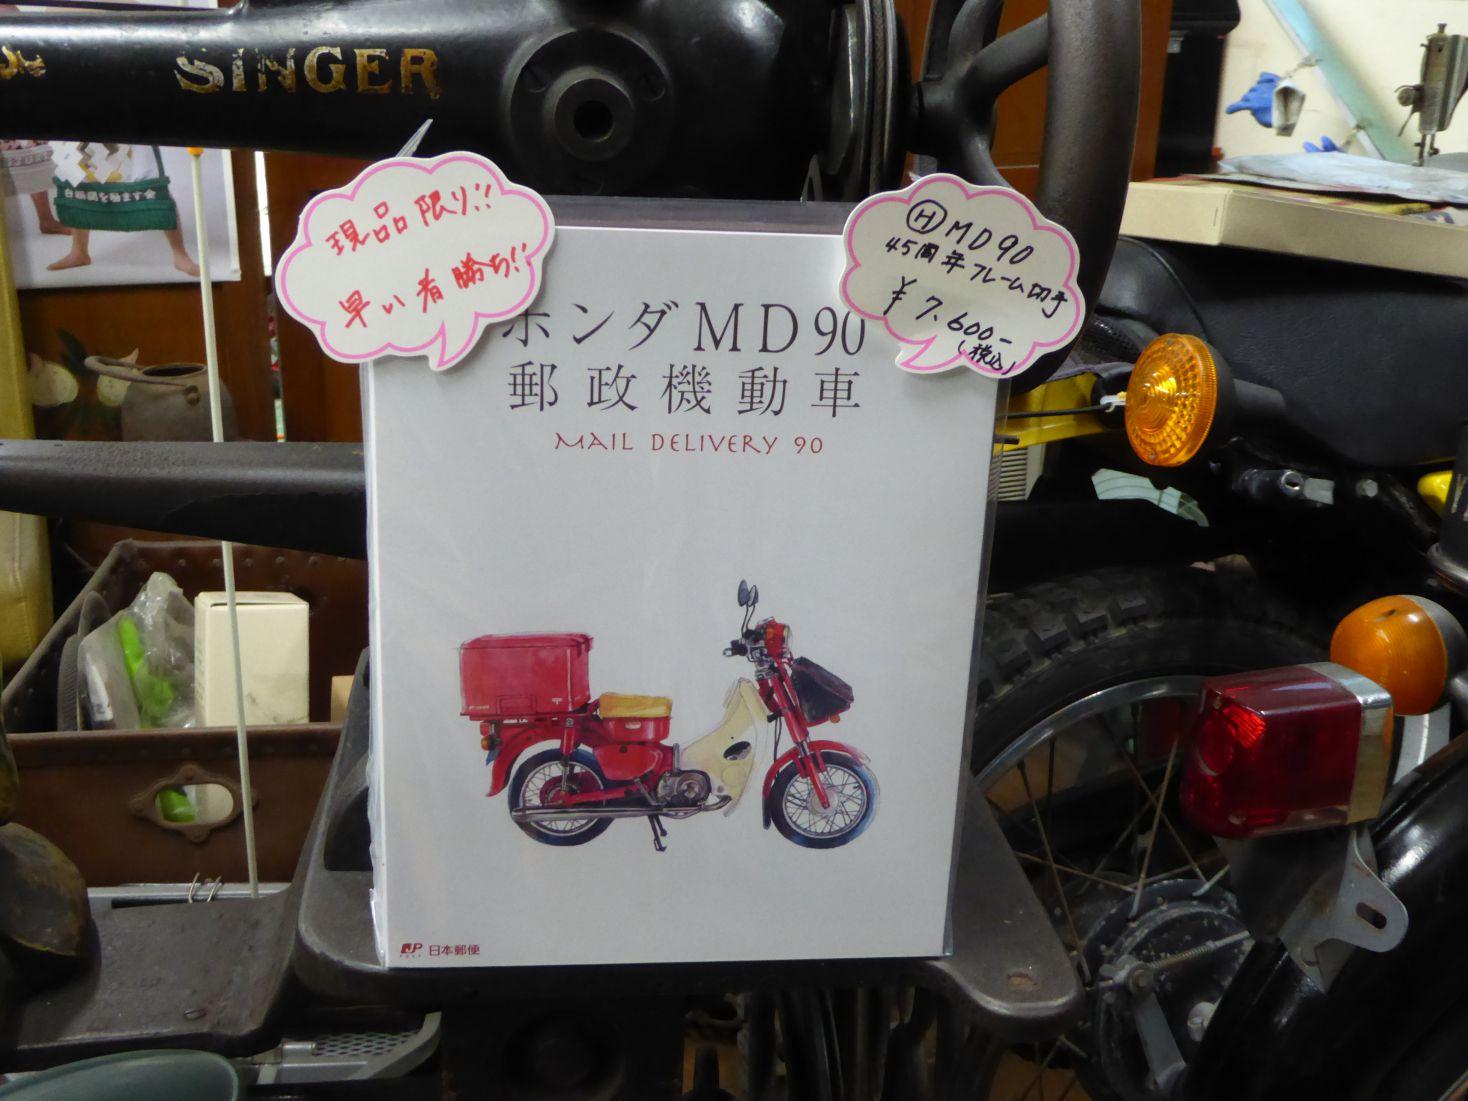 ホンダ MD90 郵政機動車フレーム切手セット